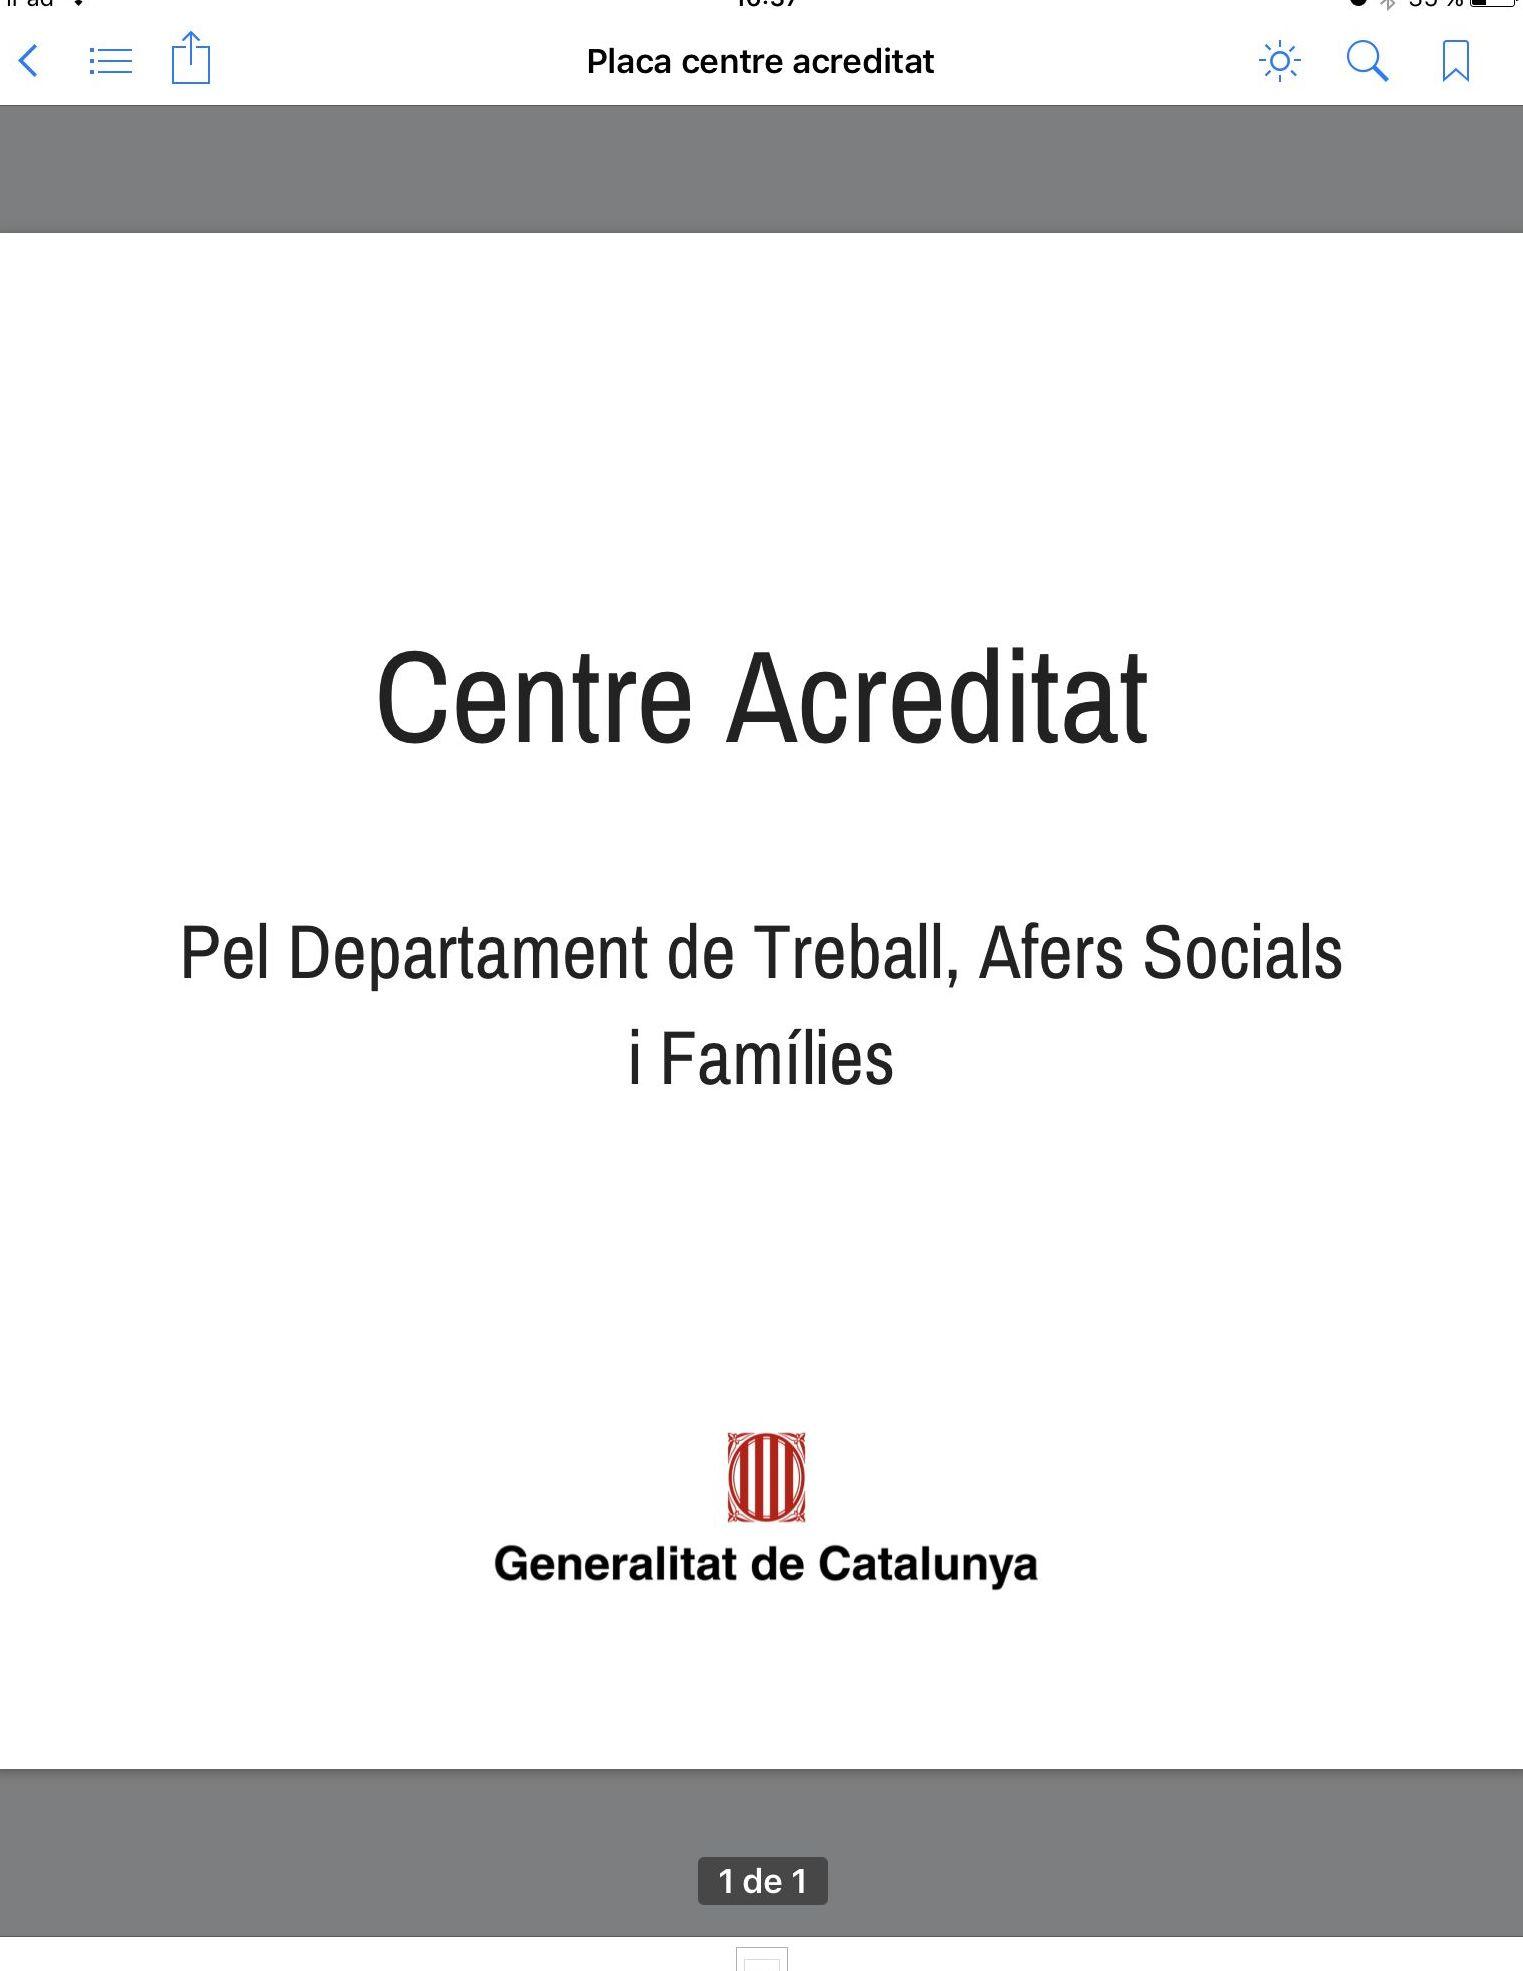 Ya estamos acreditados por la Generalitat de Catalunya